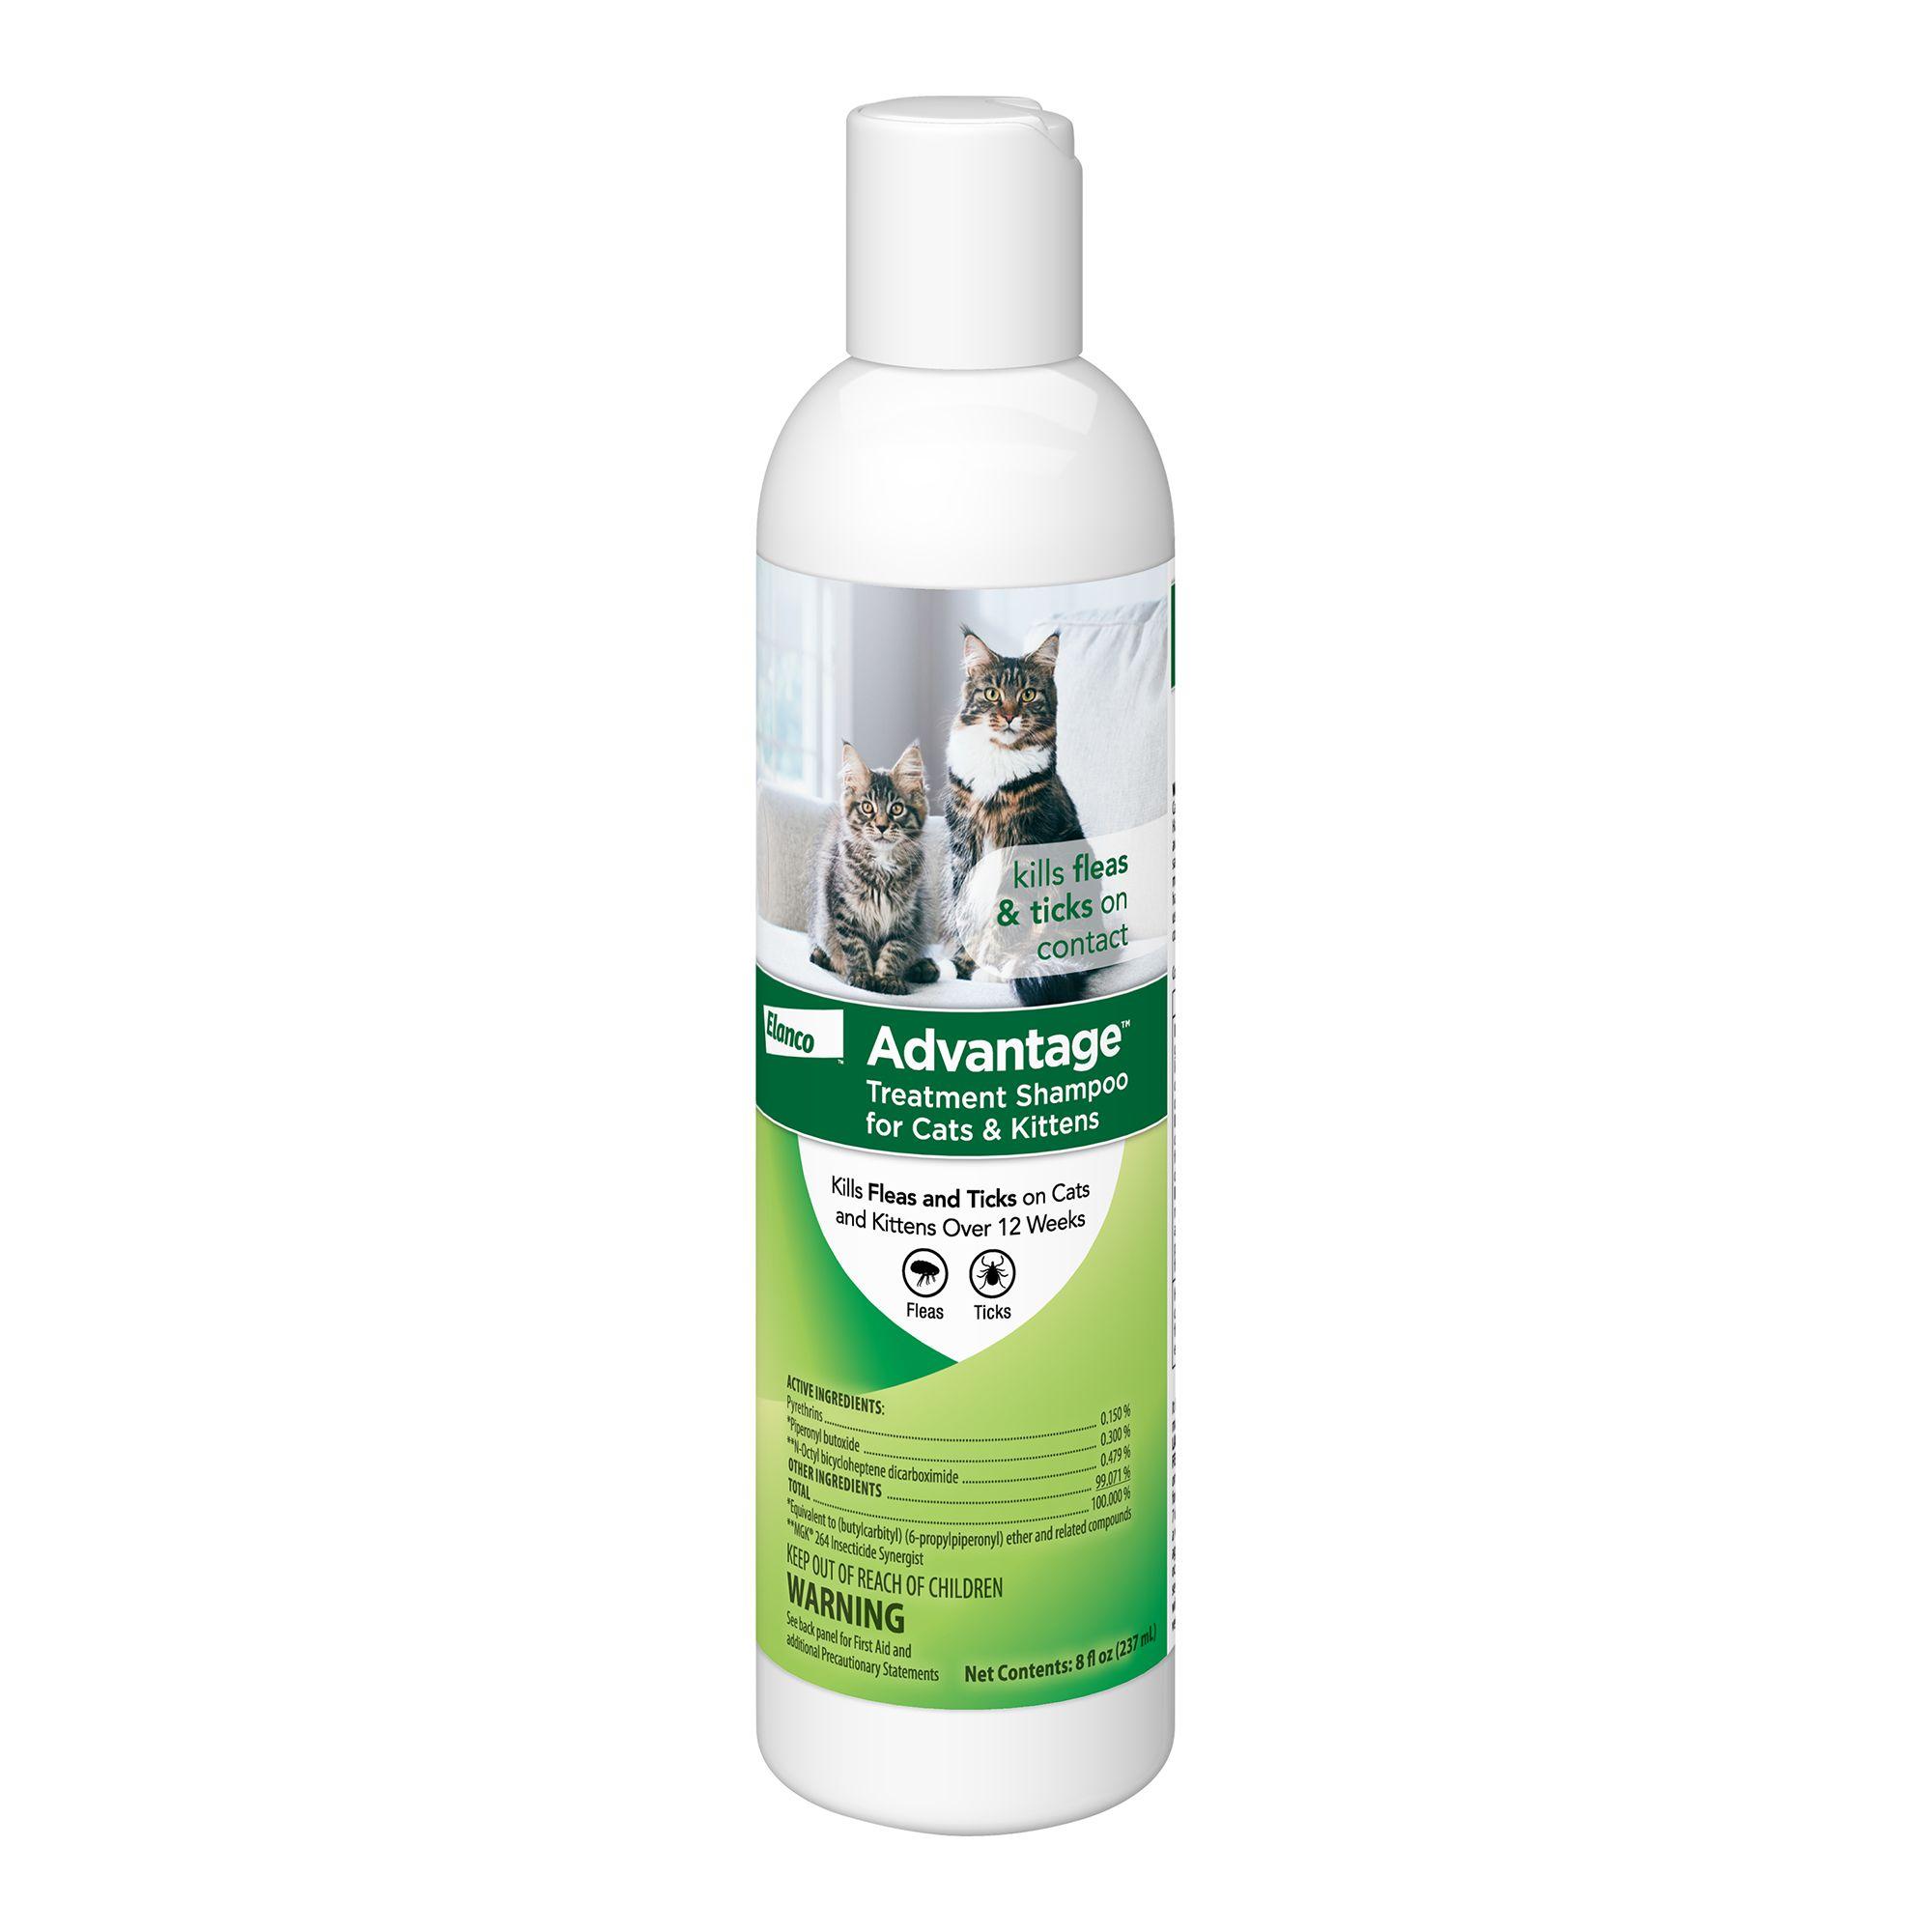 Advantage Flea And Tick Kitten And Cat Shampoo Size 8 Fl Oz